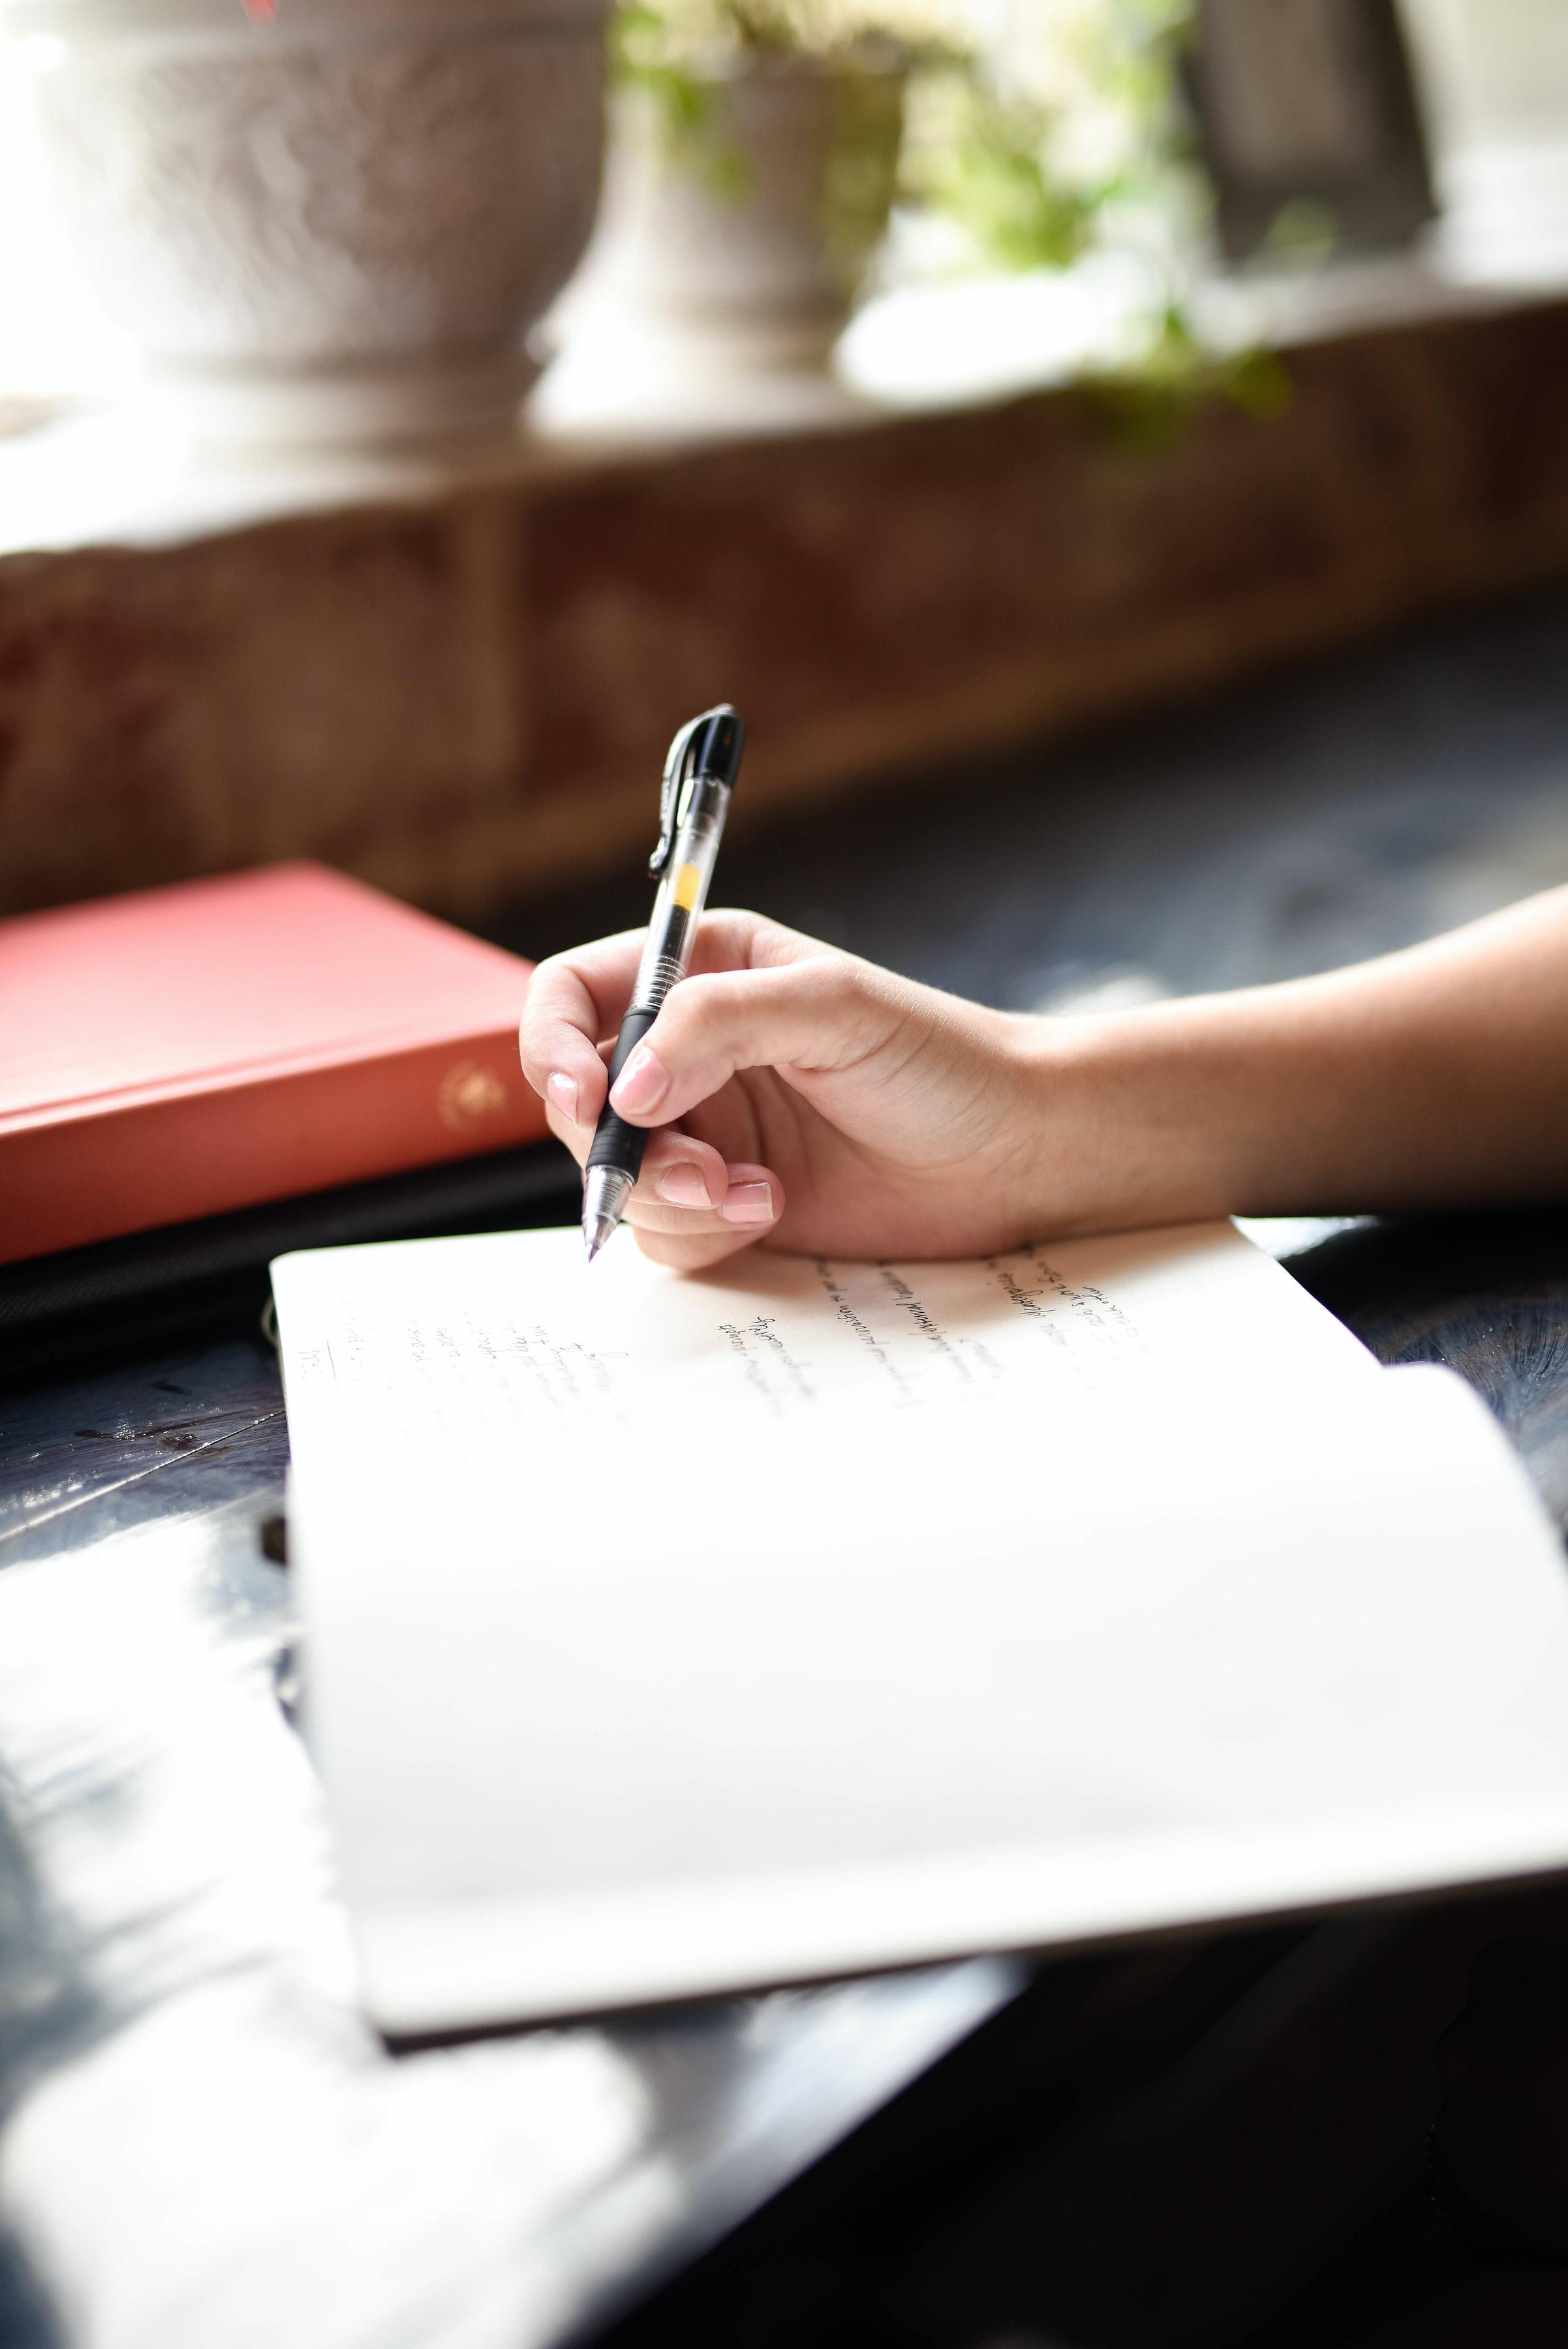 image cahier ouvert main qui écrit